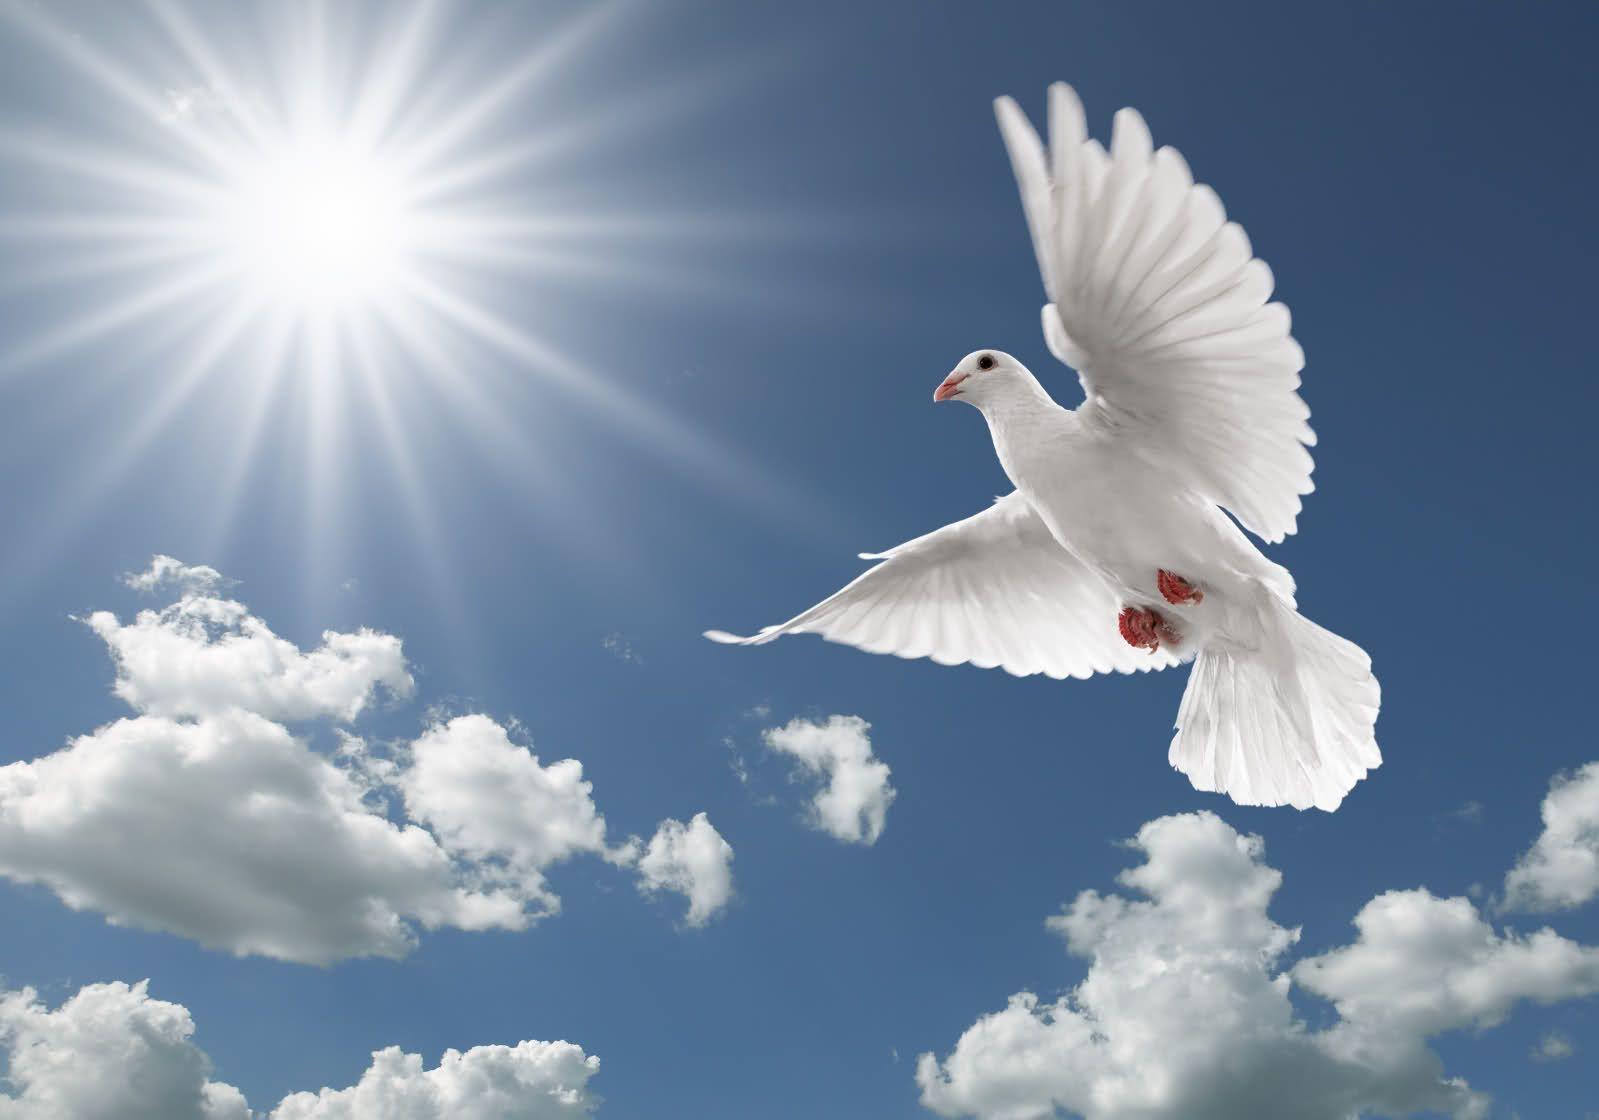 Flying Birds Wallpapers Hd Wallpapers N Bird Wallpaper Dove Flying Birds Flying